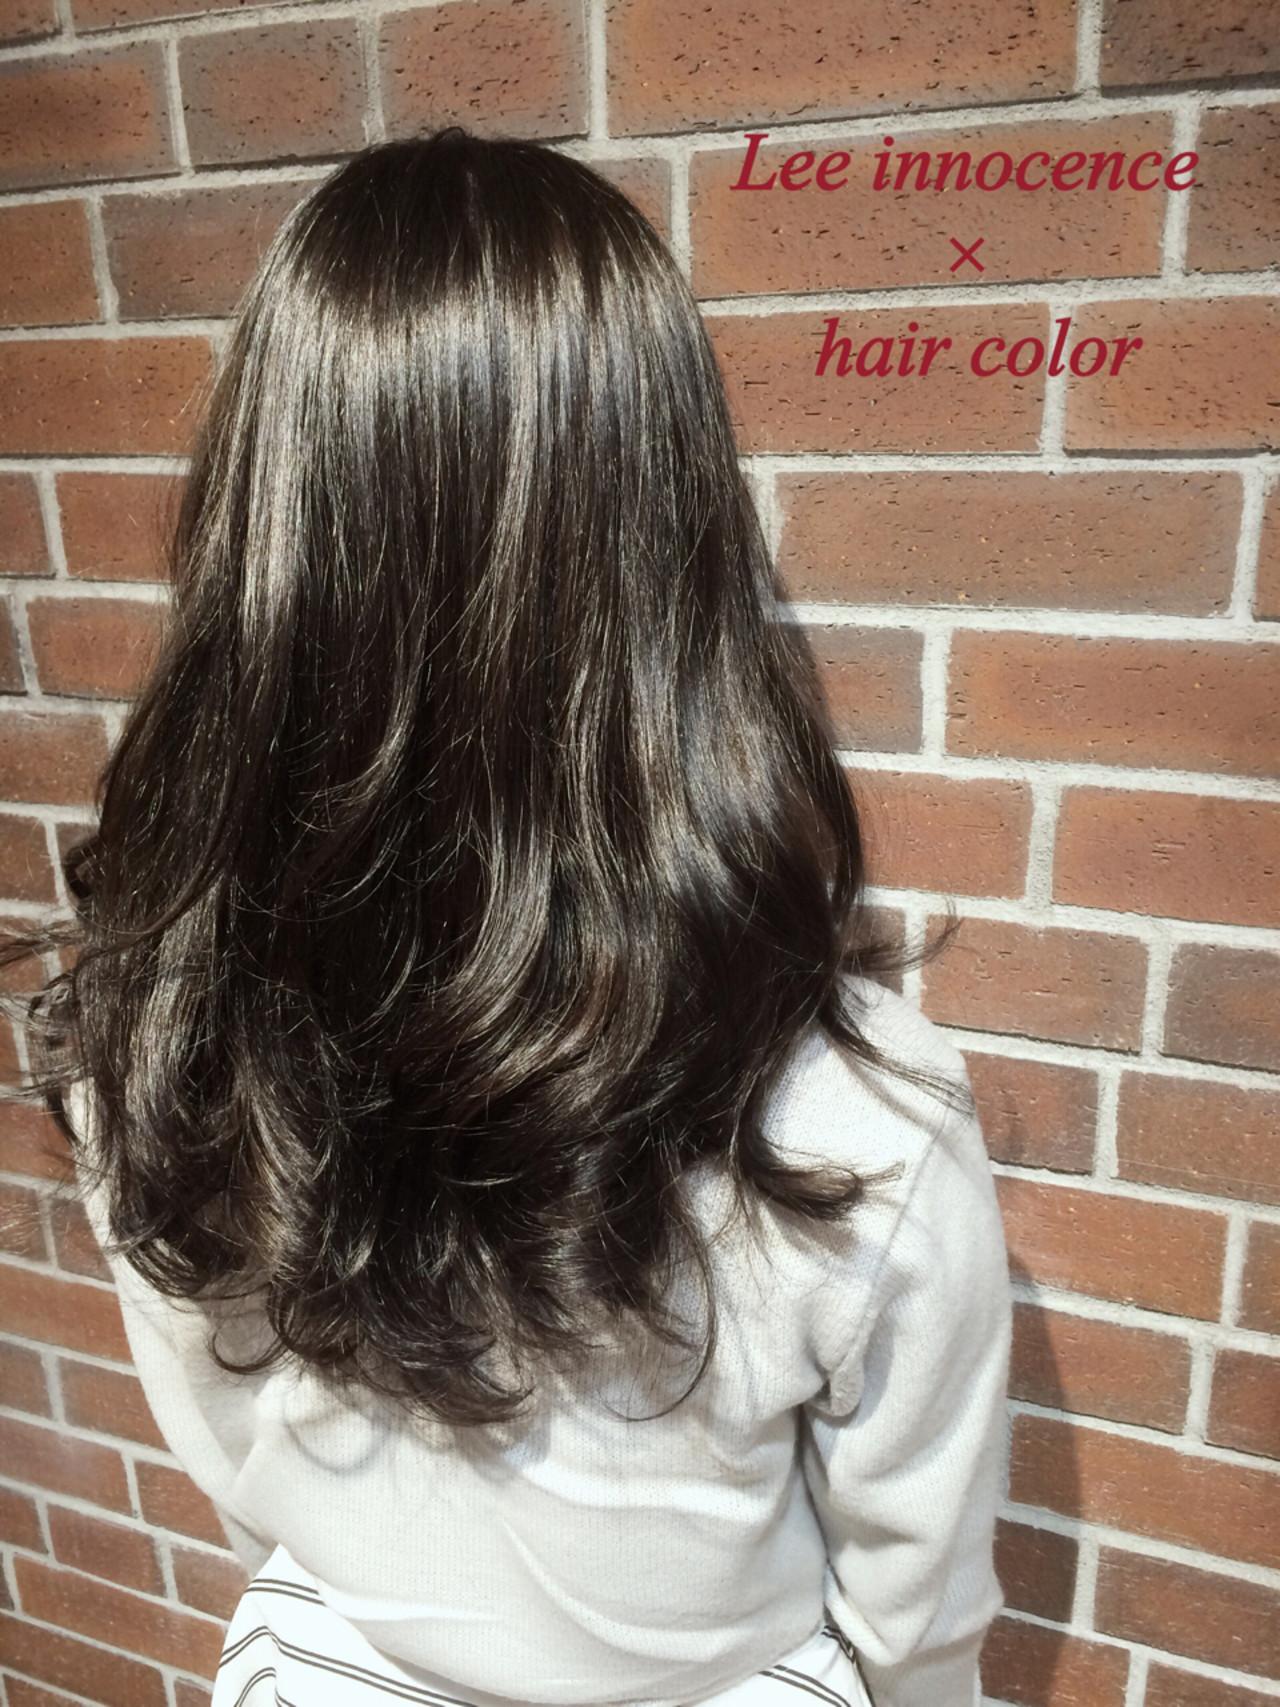 黒髪 グラデーションカラー アッシュ 外国人風 ヘアスタイルや髪型の写真・画像 | Lee innocence 宮本伸一(shin) / Lee innocence 西宮北口店